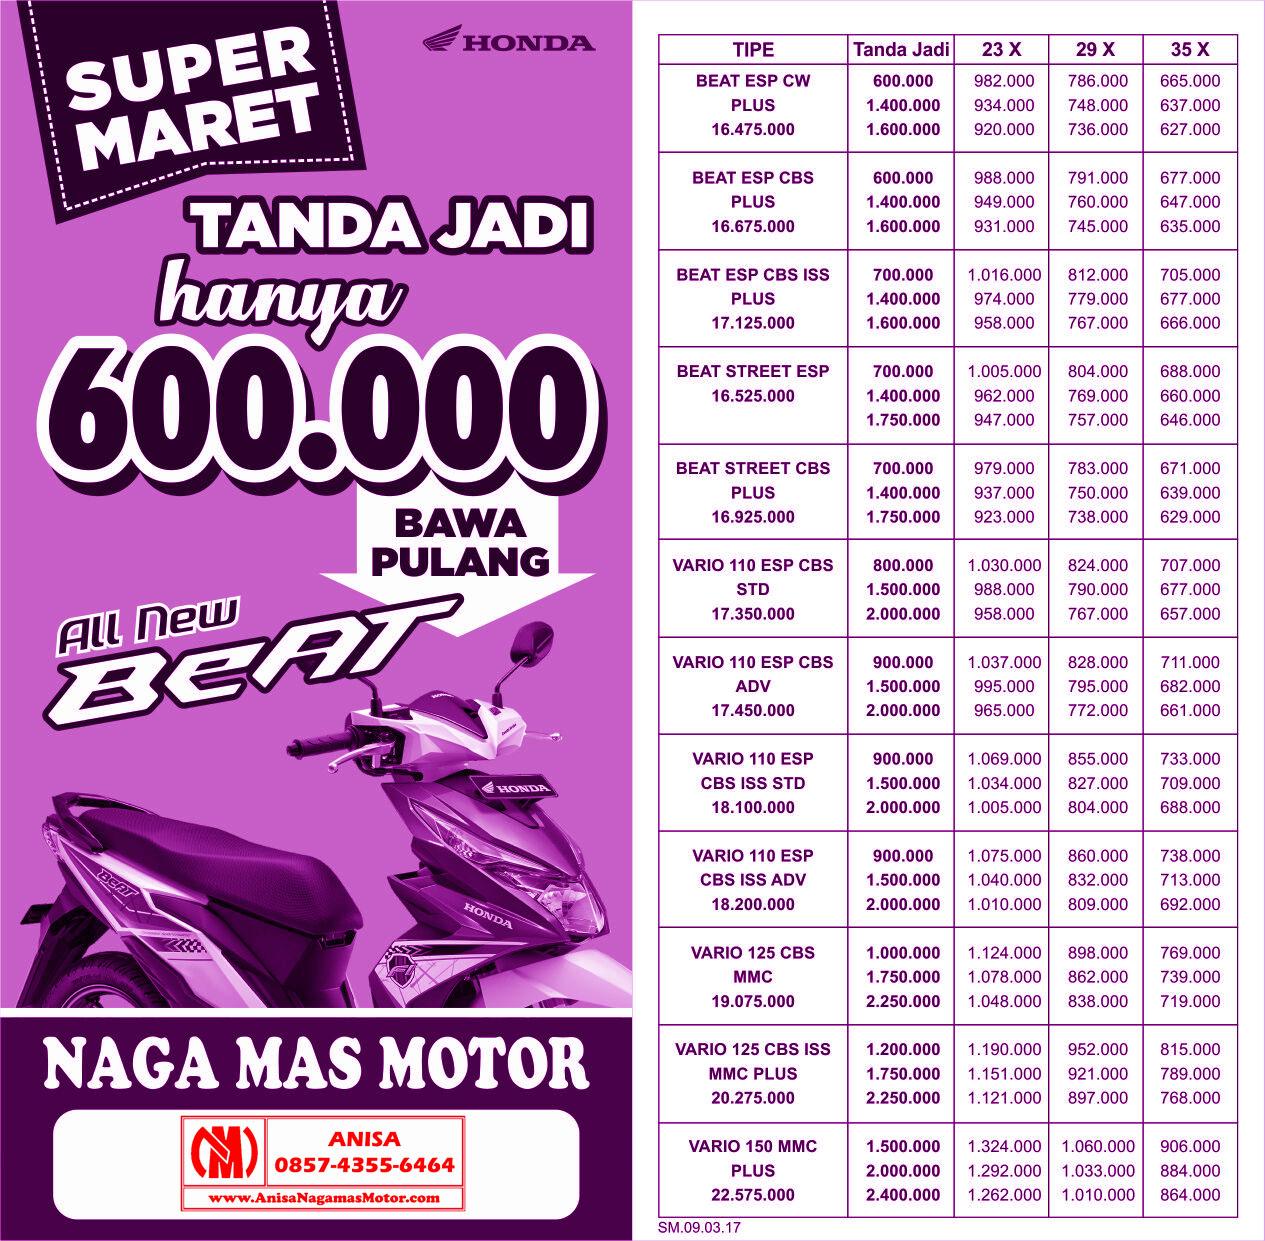 Anisa Counter Sales Dealer Nagamas Motor Klaten All New Cbr 150r Slick Black White Kota Semarang Promo Super Maret 2017